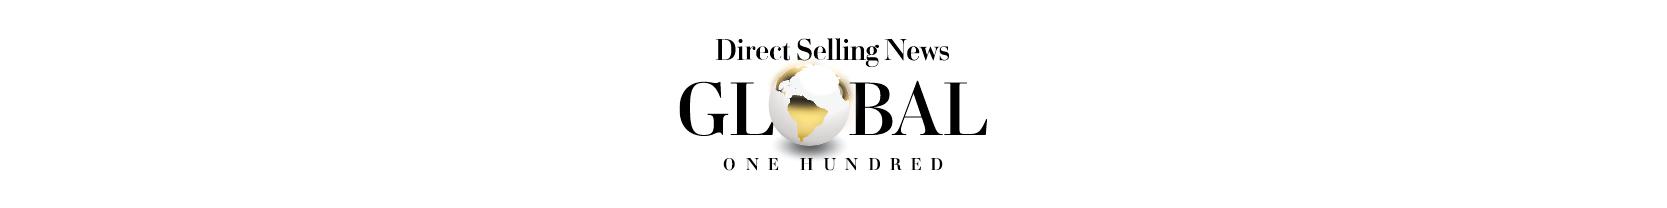 DSN_GLOBAL100_LOGO